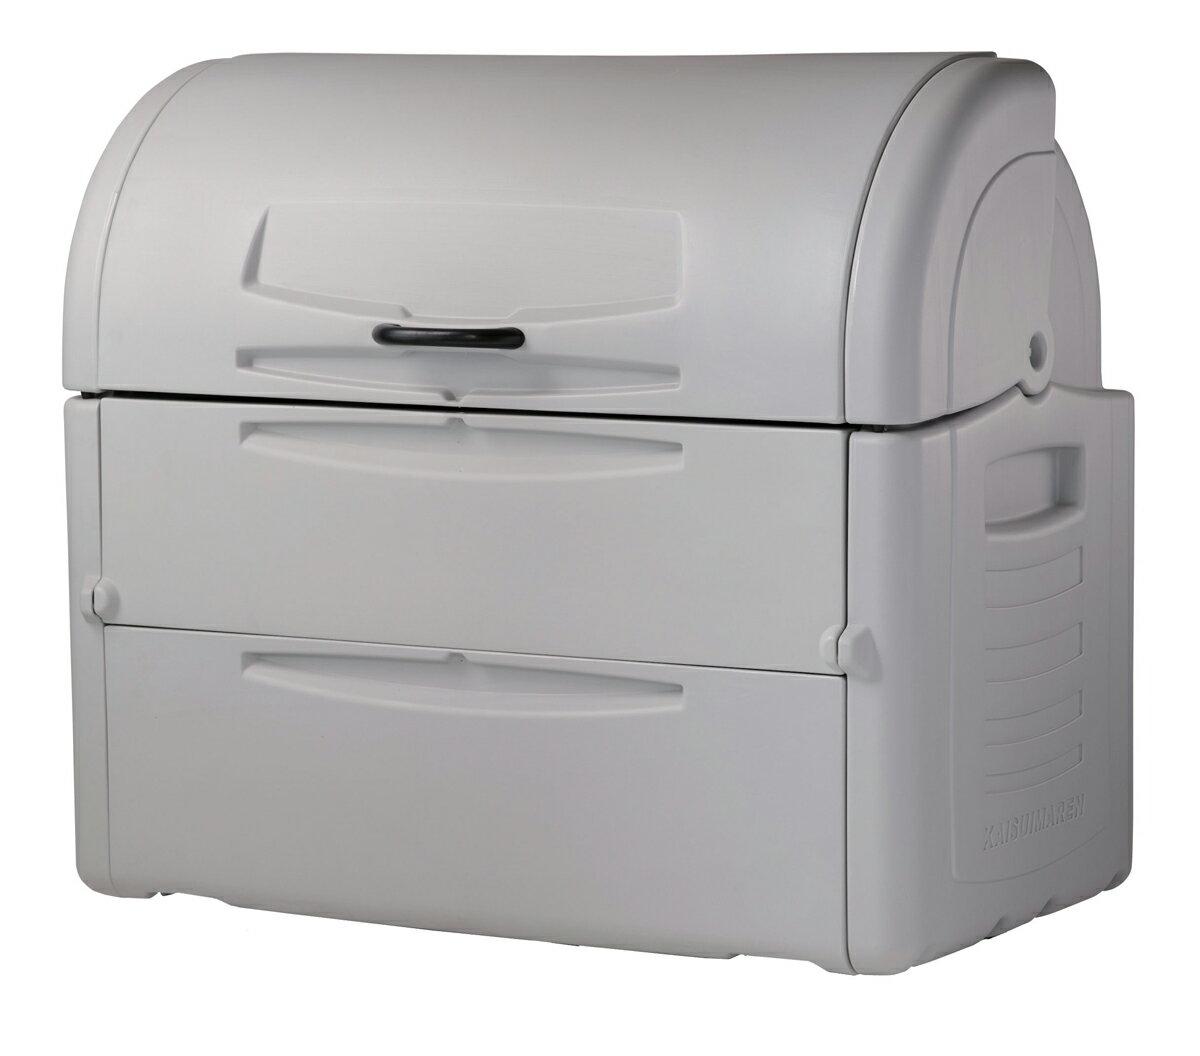 カイスイマレン ジャンボペールPE1000K(固定足)【容量1000L 45Lゴミ袋22個相当 約15世帯 大型ゴミ箱 ゴミステーション プラスチック製 固定足 ライトグレー】